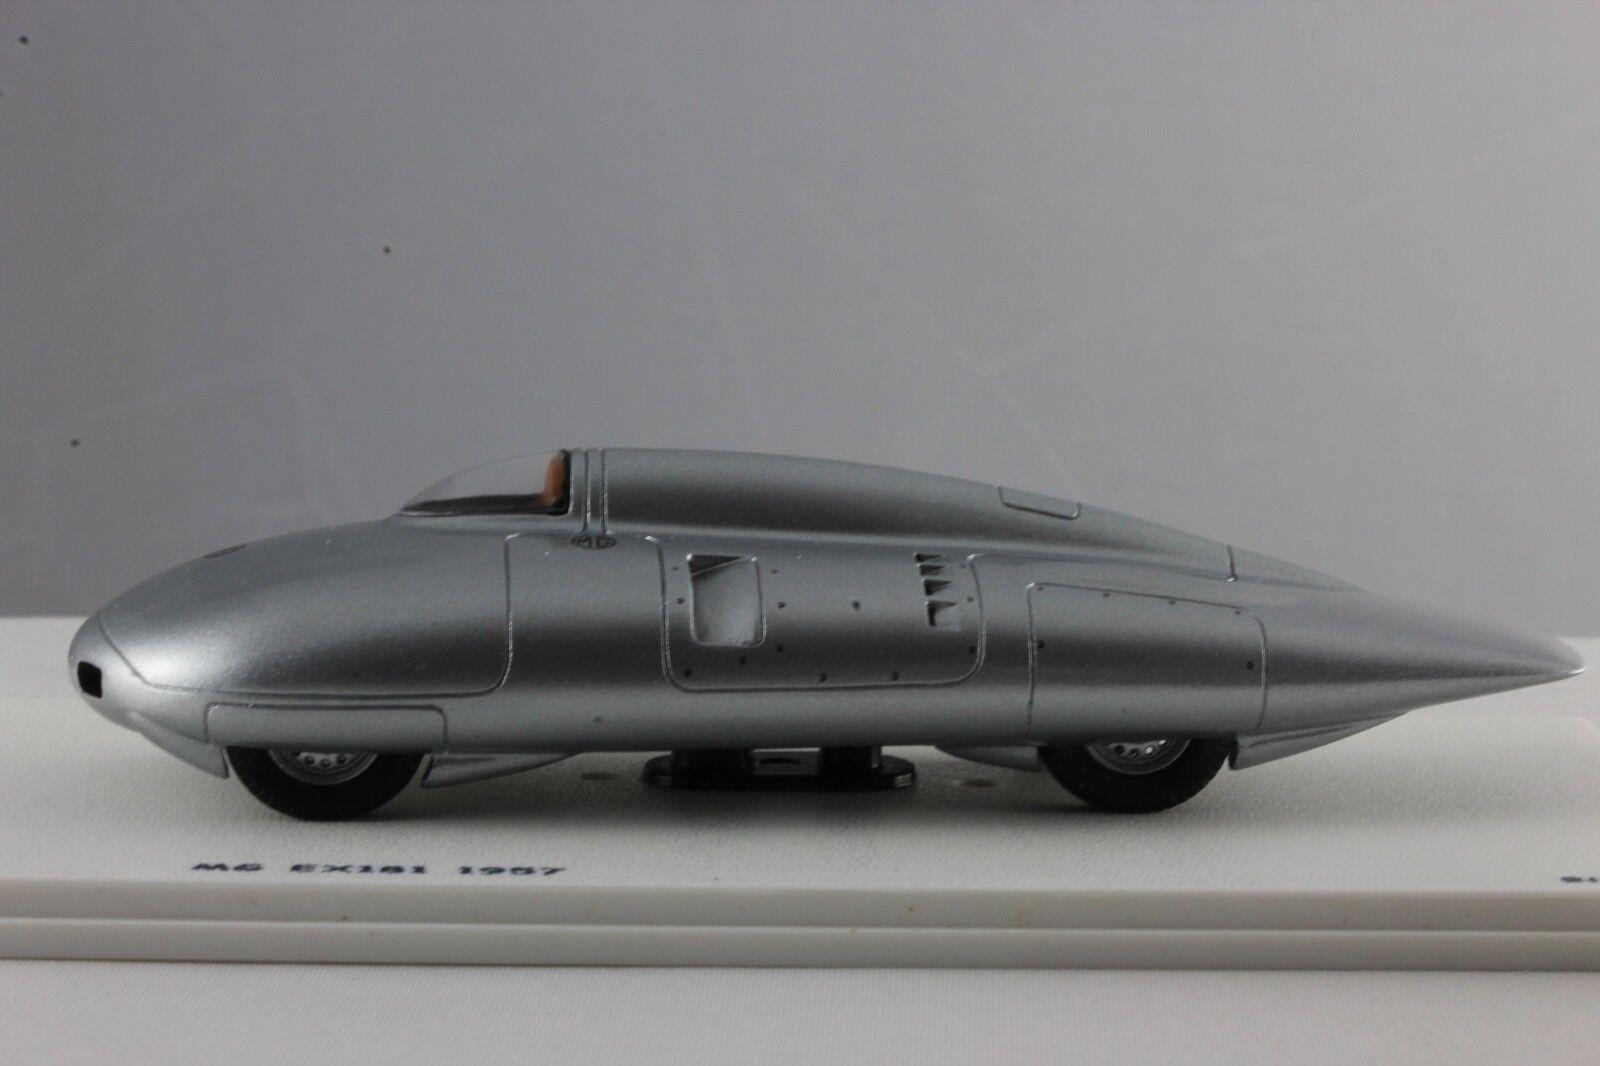 BIZARRE MG EX 181 1957 RECORD D'électricité ligne Streamliner 1 43 Bizarre bz455